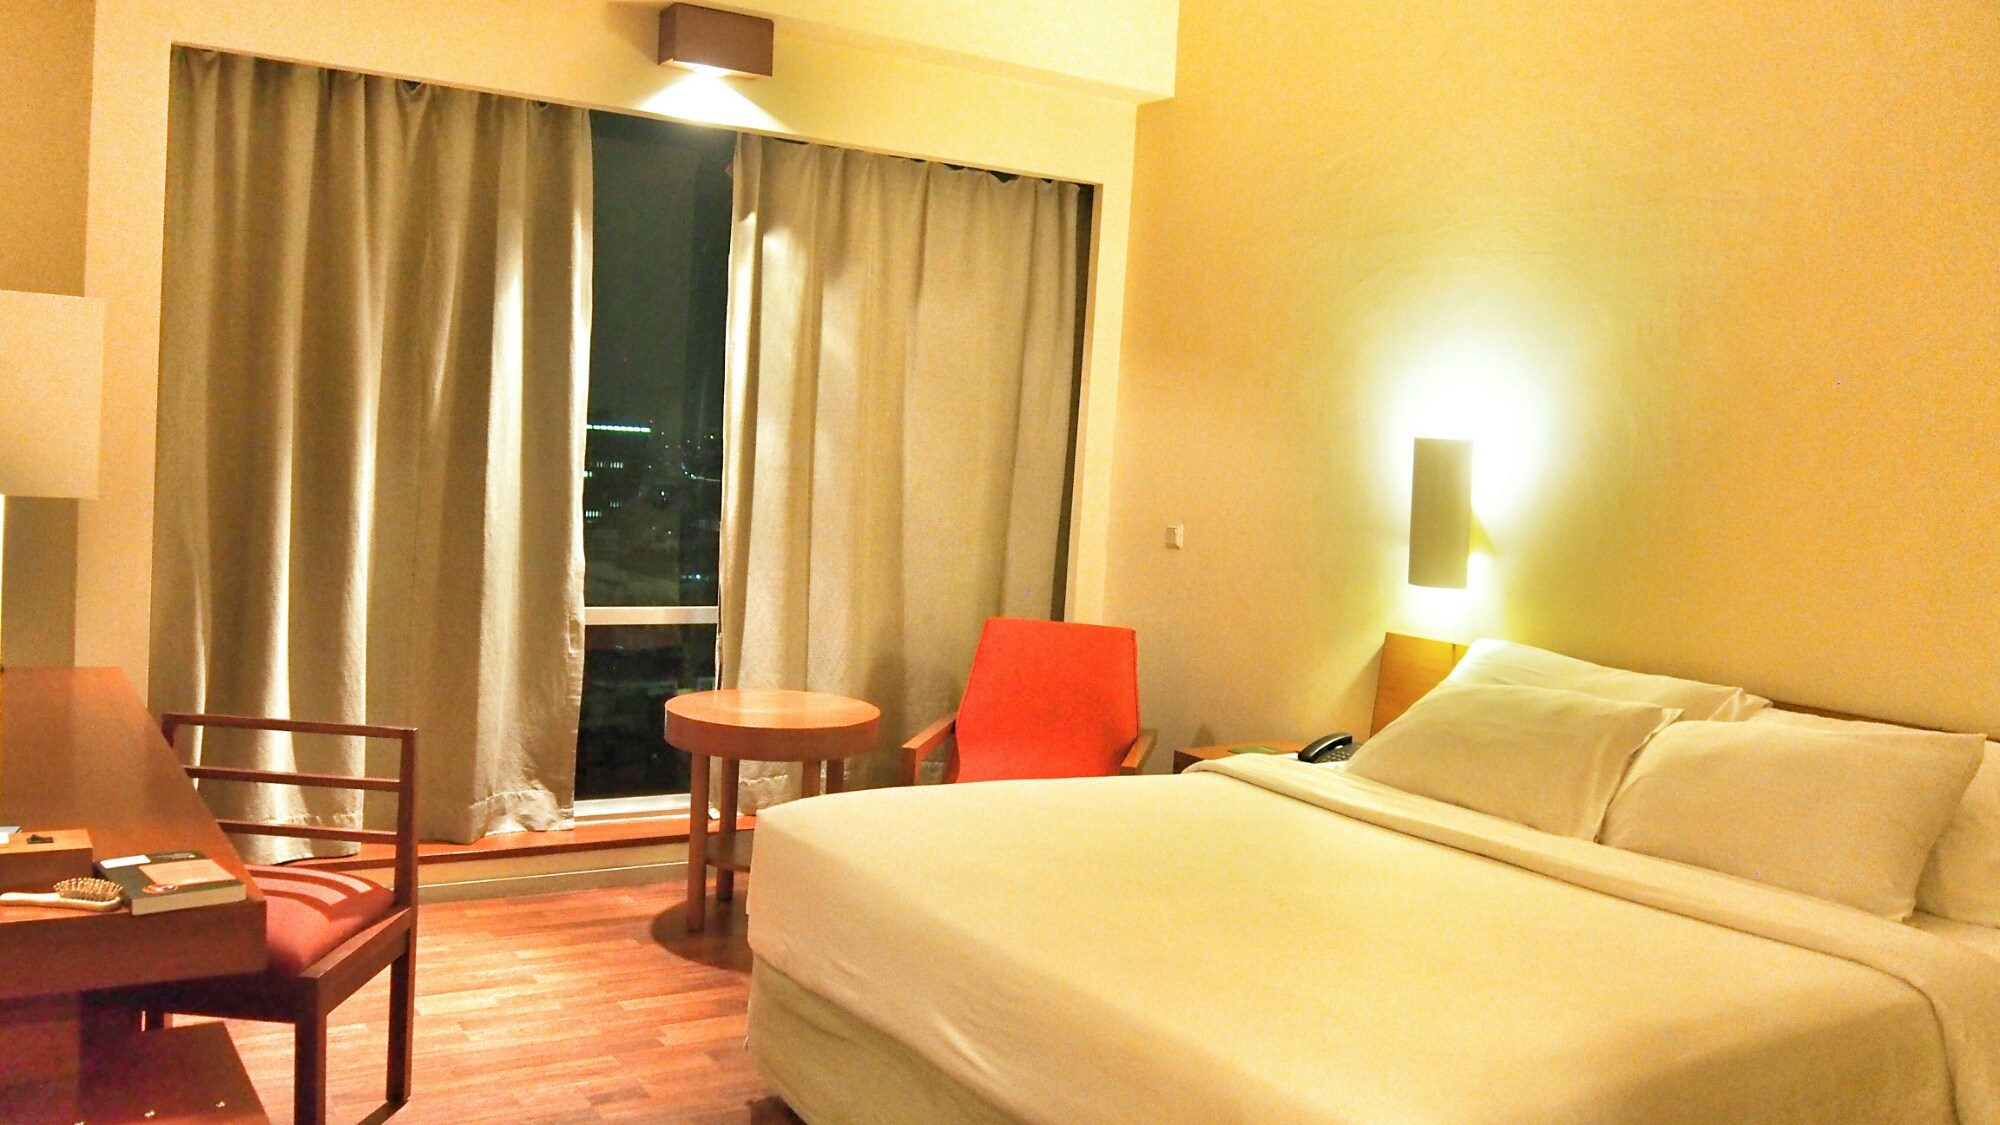 Staycation Hotel Alila Jakarta Bakal Bisa Melihat Kota Atas Yeay